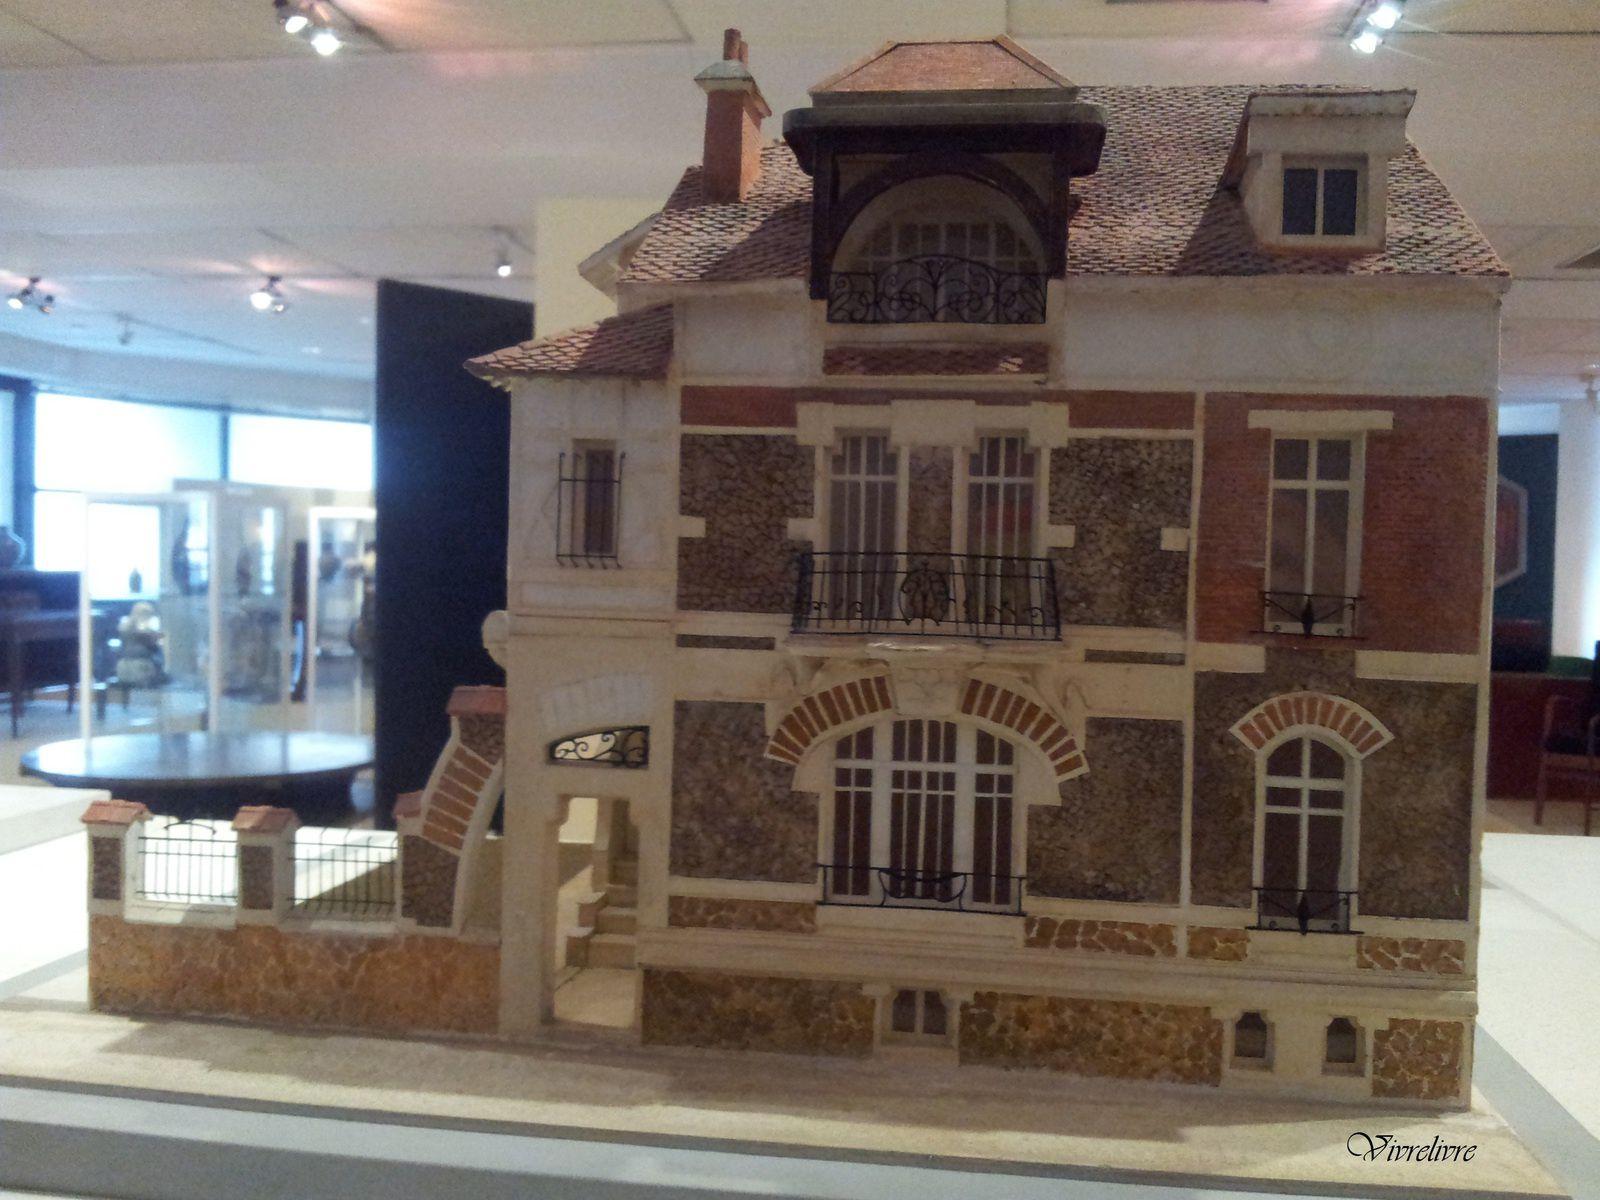 Maquette de l'hôtel particulier (1900 - Art Nouveau), 62 Route de la Reine, Boulogne par Alexandre Barret.